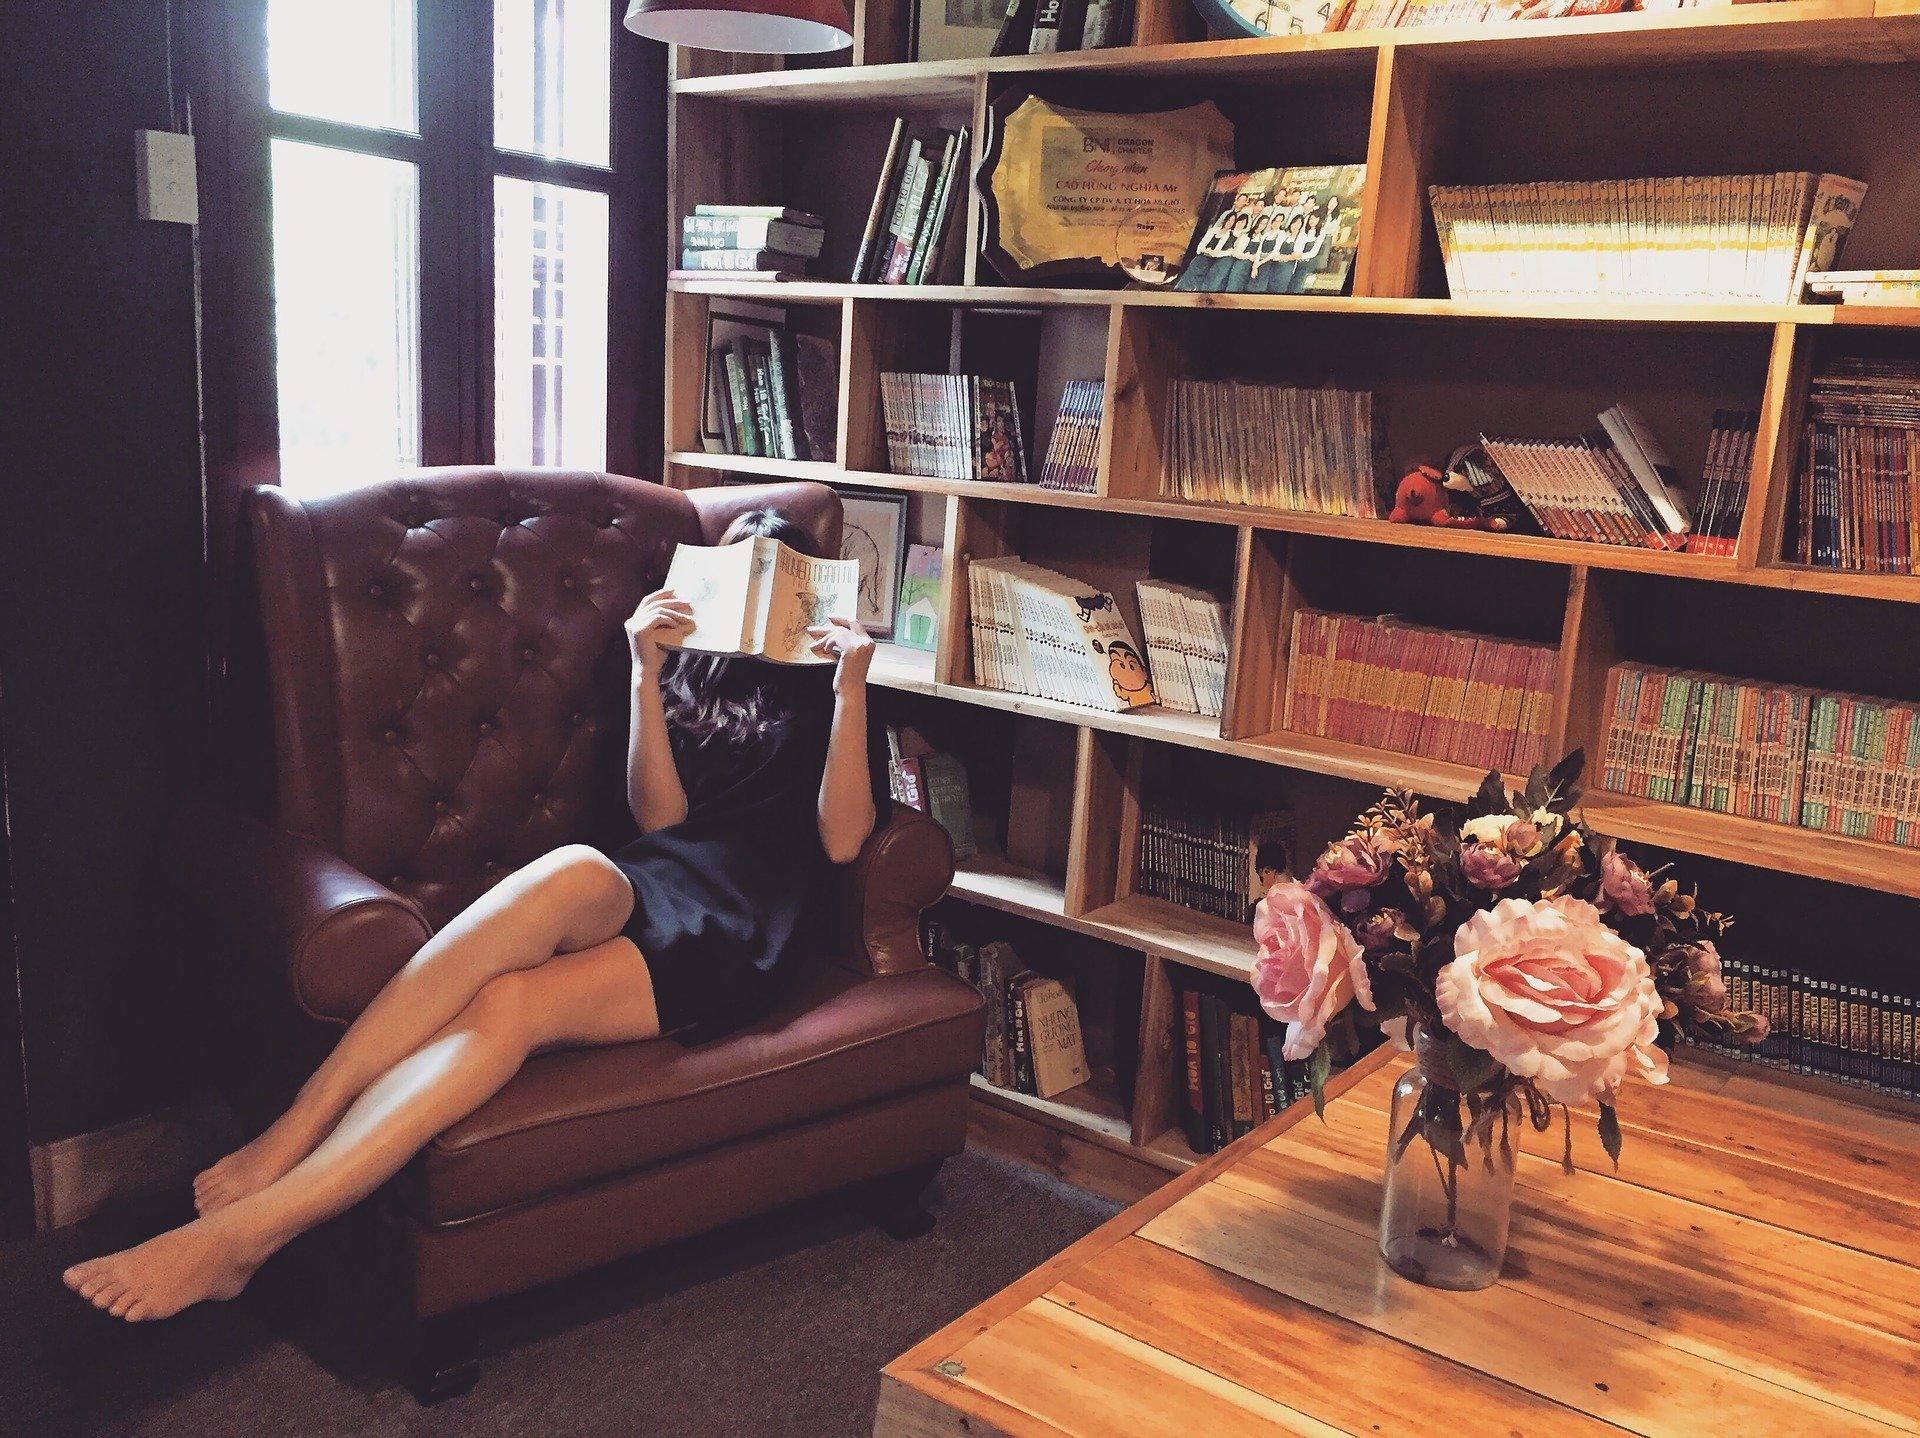 איך לבחור כורסא מעוצבת לסלון?